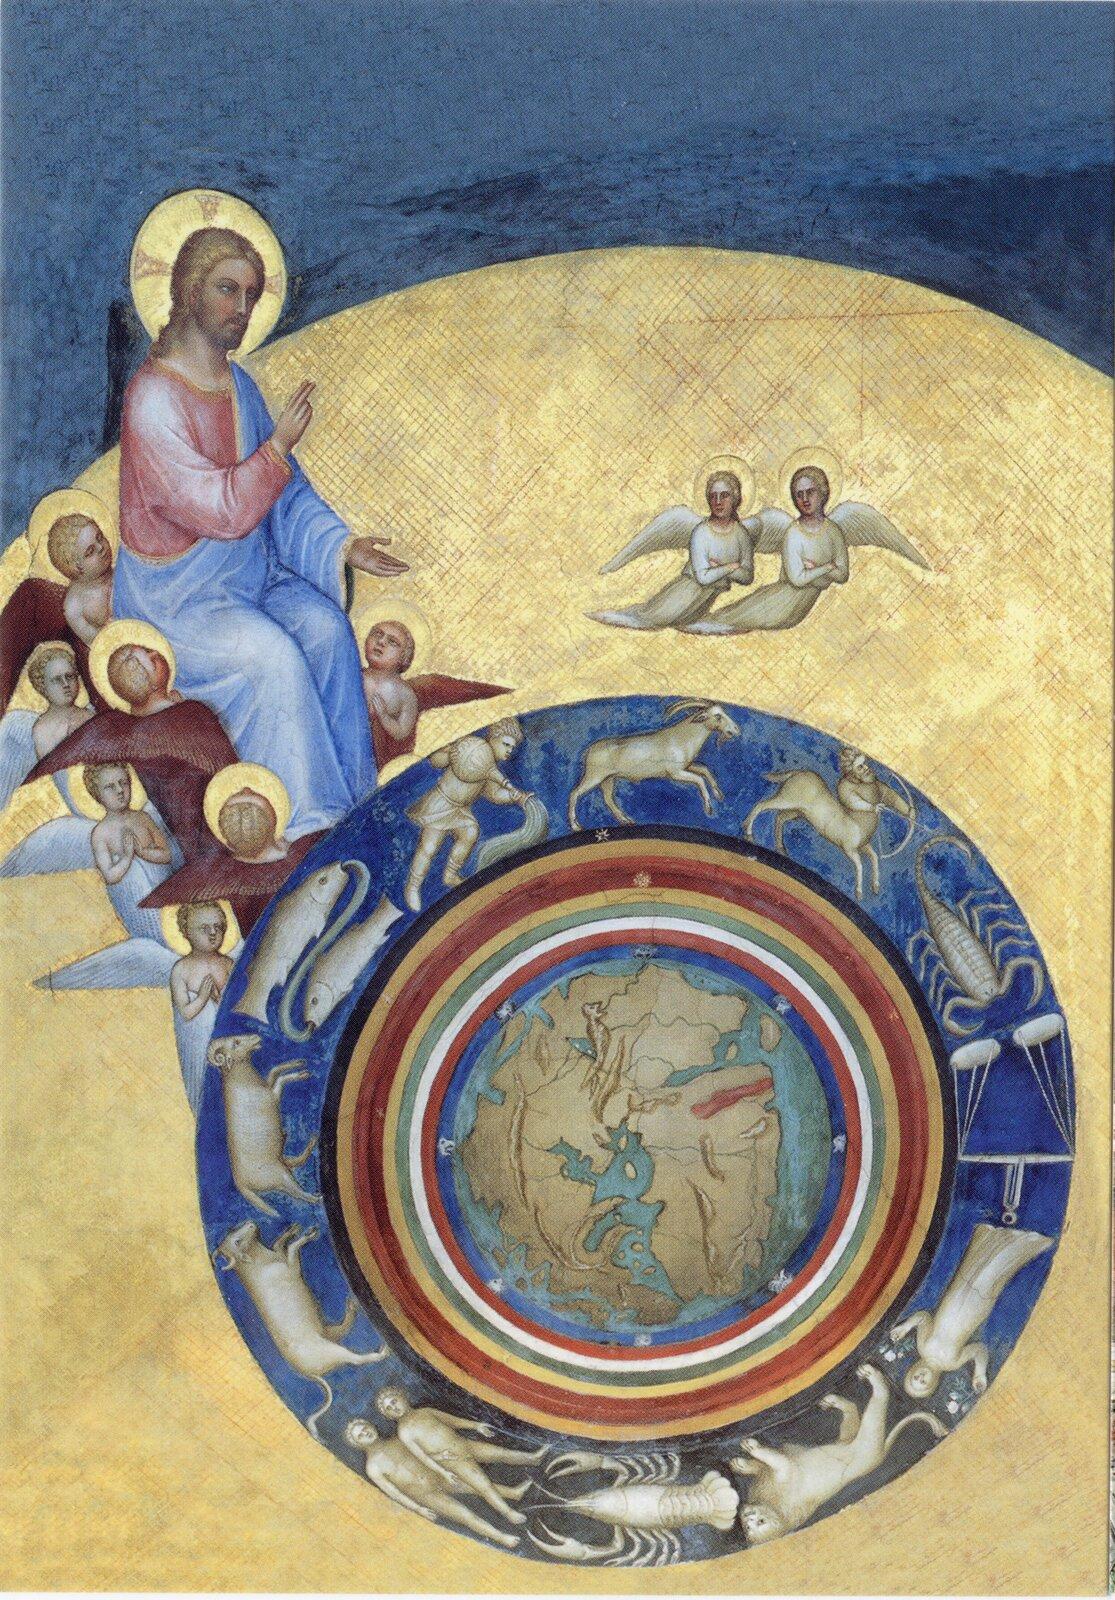 Stworzenie Świata (Chrystus jako Pan czasu kosmicznego) Źródło: Giusto de' Menabuoi, Stworzenie Świata (Chrystus jako Pan czasu kosmicznego), 1376–1378, fresk, Bazylika Katedralna Matki Bożej Wniebowziętej, Padwa, domena publiczna.